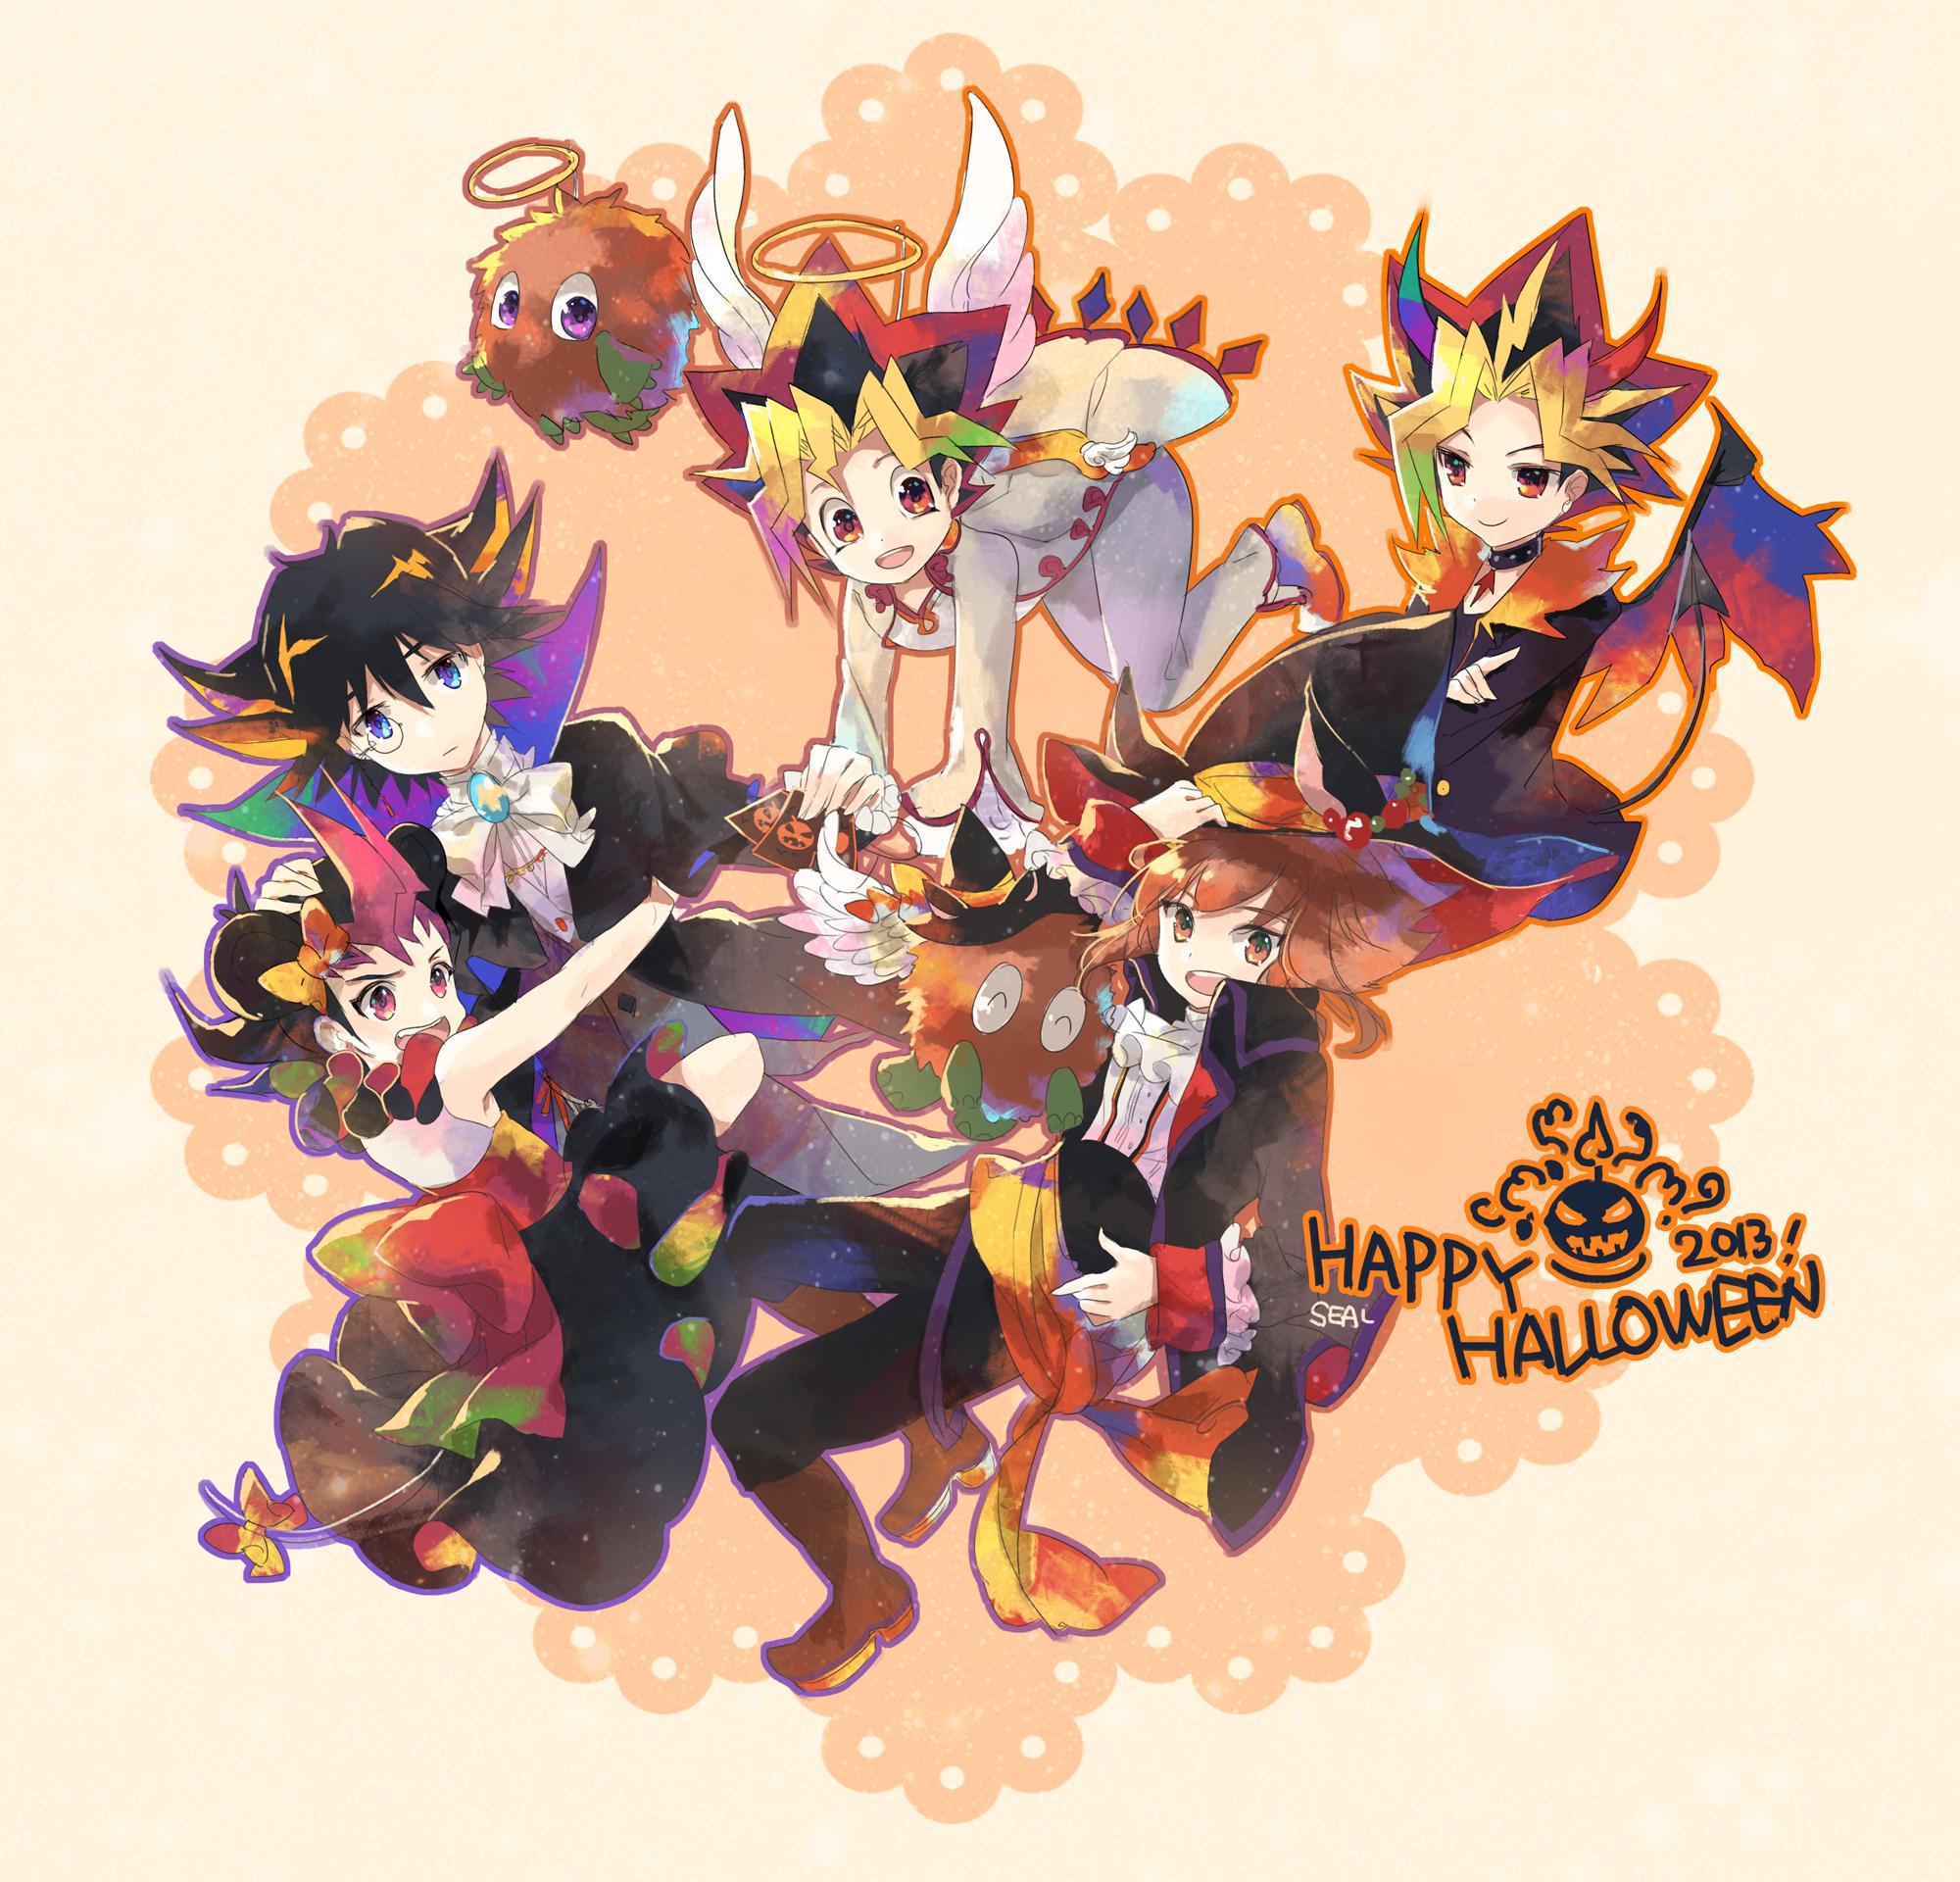 Lucifer Yugioh: Yu-Gi-Oh!/#1673885